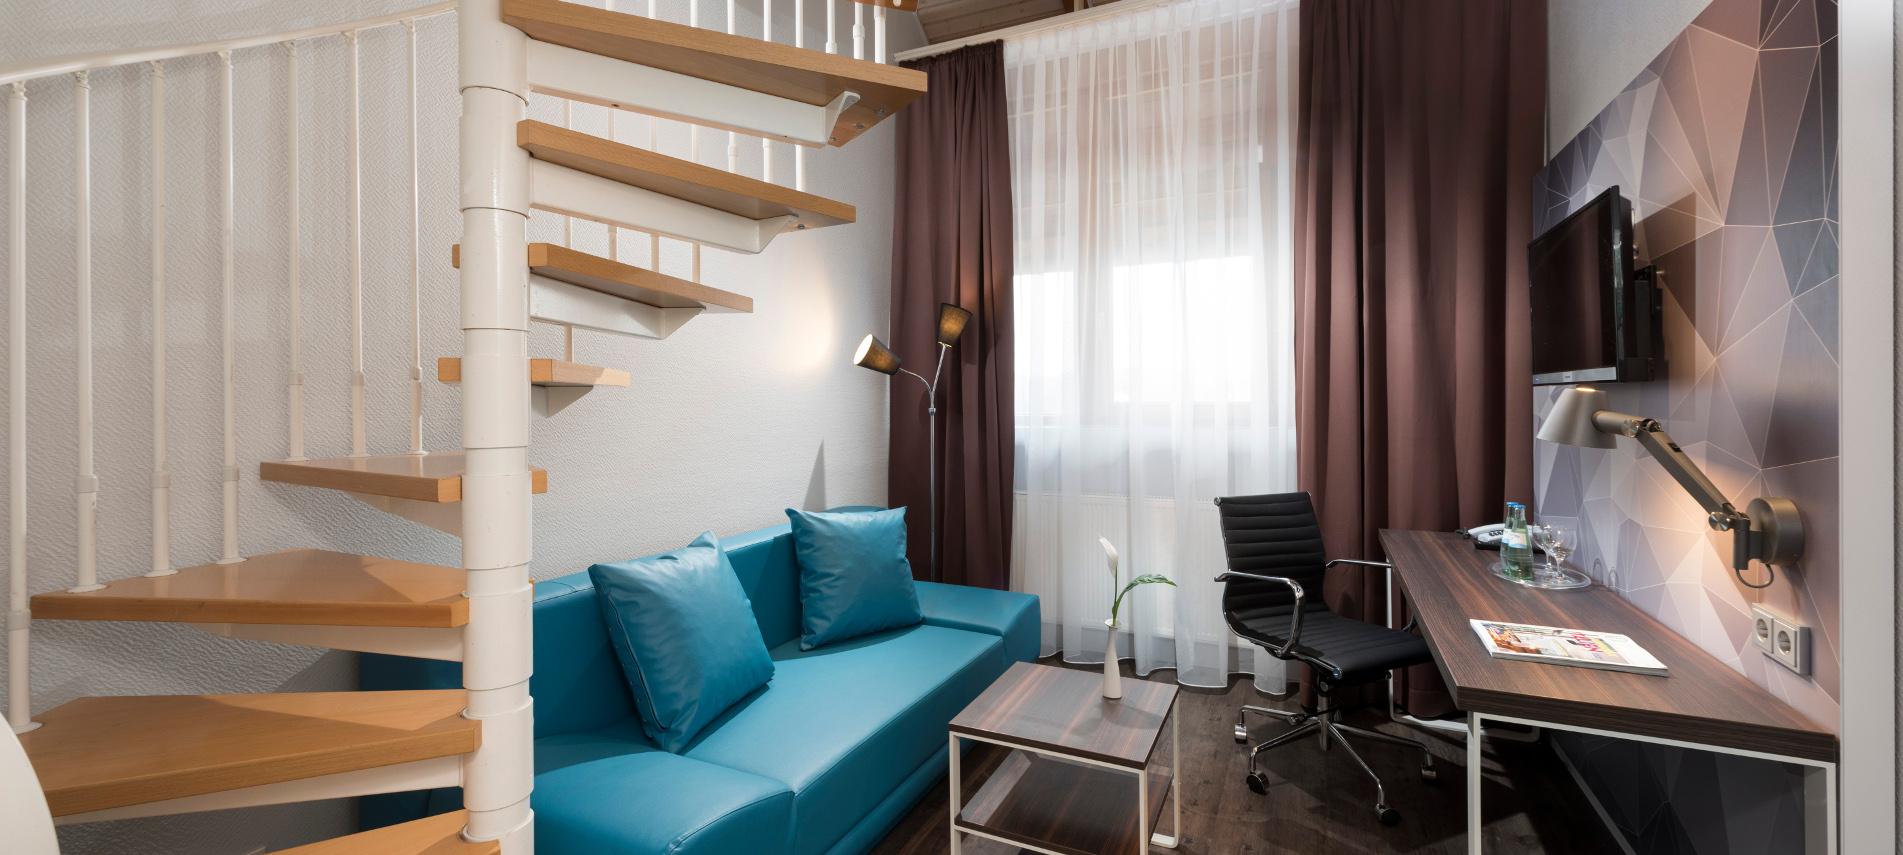 Hotel Rooms Brunswick Best Western Hotel Braunschweig